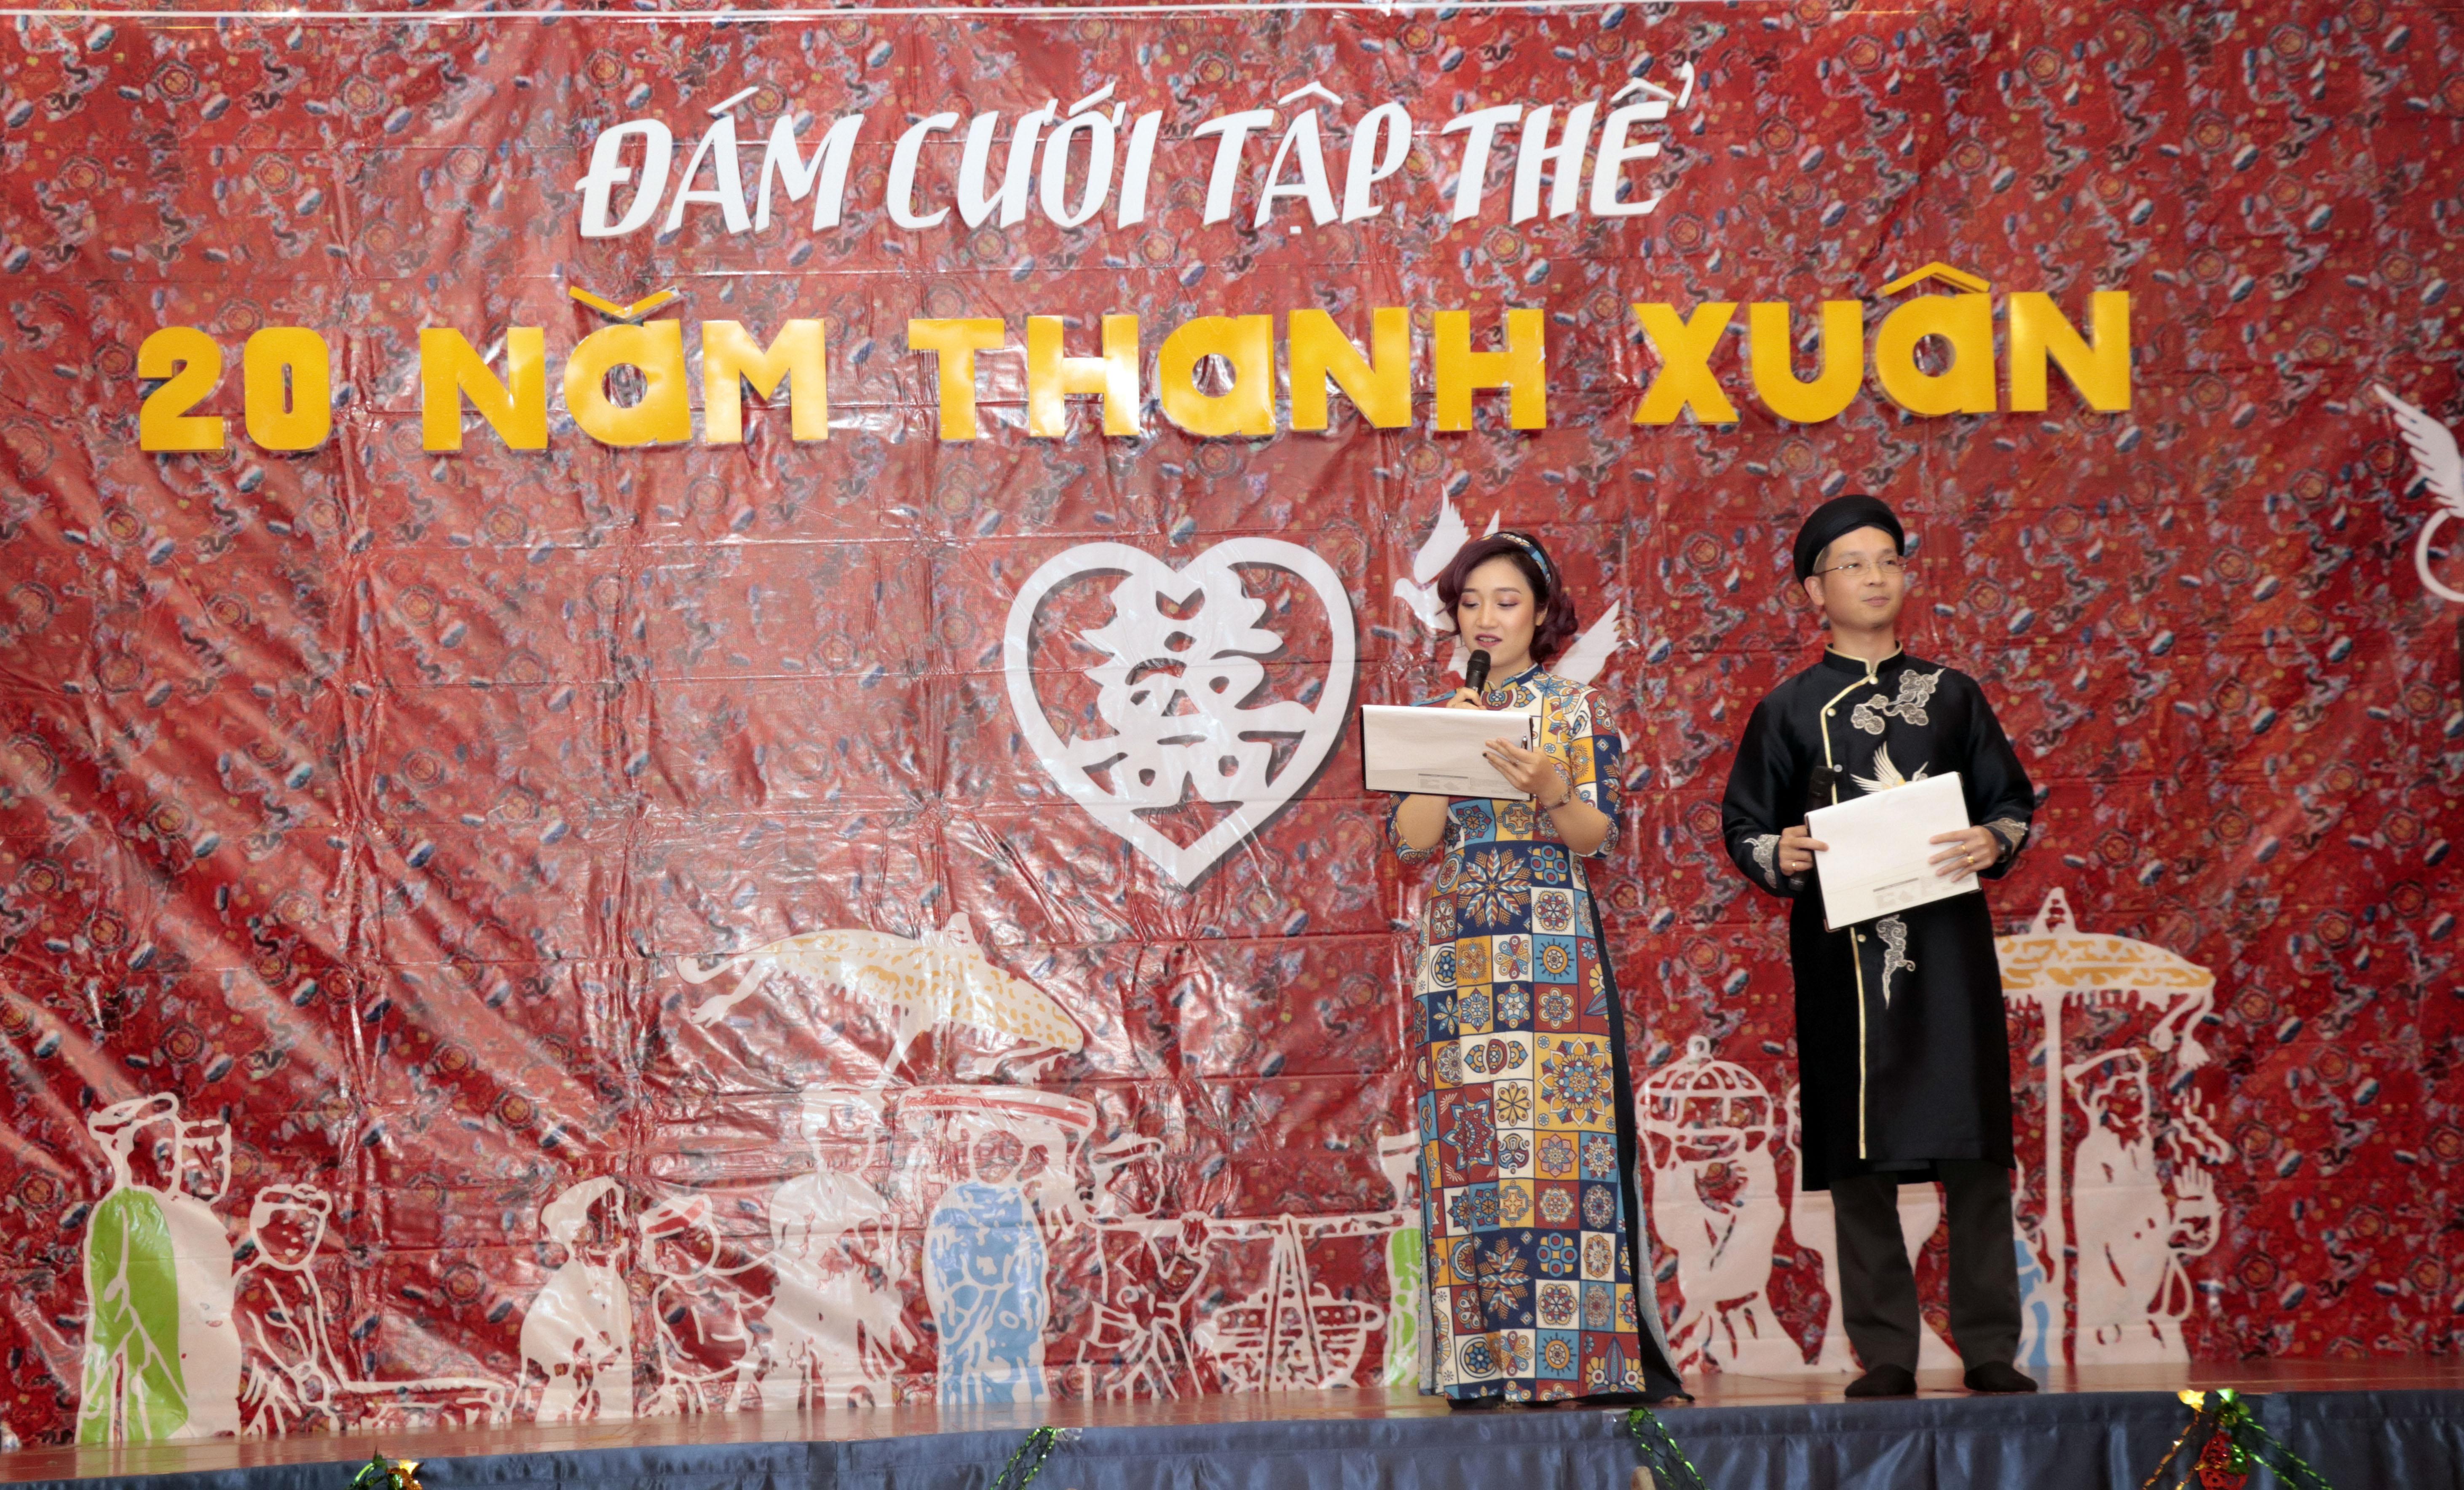 Bước ra sân khấu trong tiếng vỗ tay của hơn 400 khán giả, cặp đôi MC Bùi Lê Tuấn - Bế Thị Ngọc Quyên đã diễn tròn vai trong việc kết nối, dẫn dắt người xem bước vào không gian đám cưới.